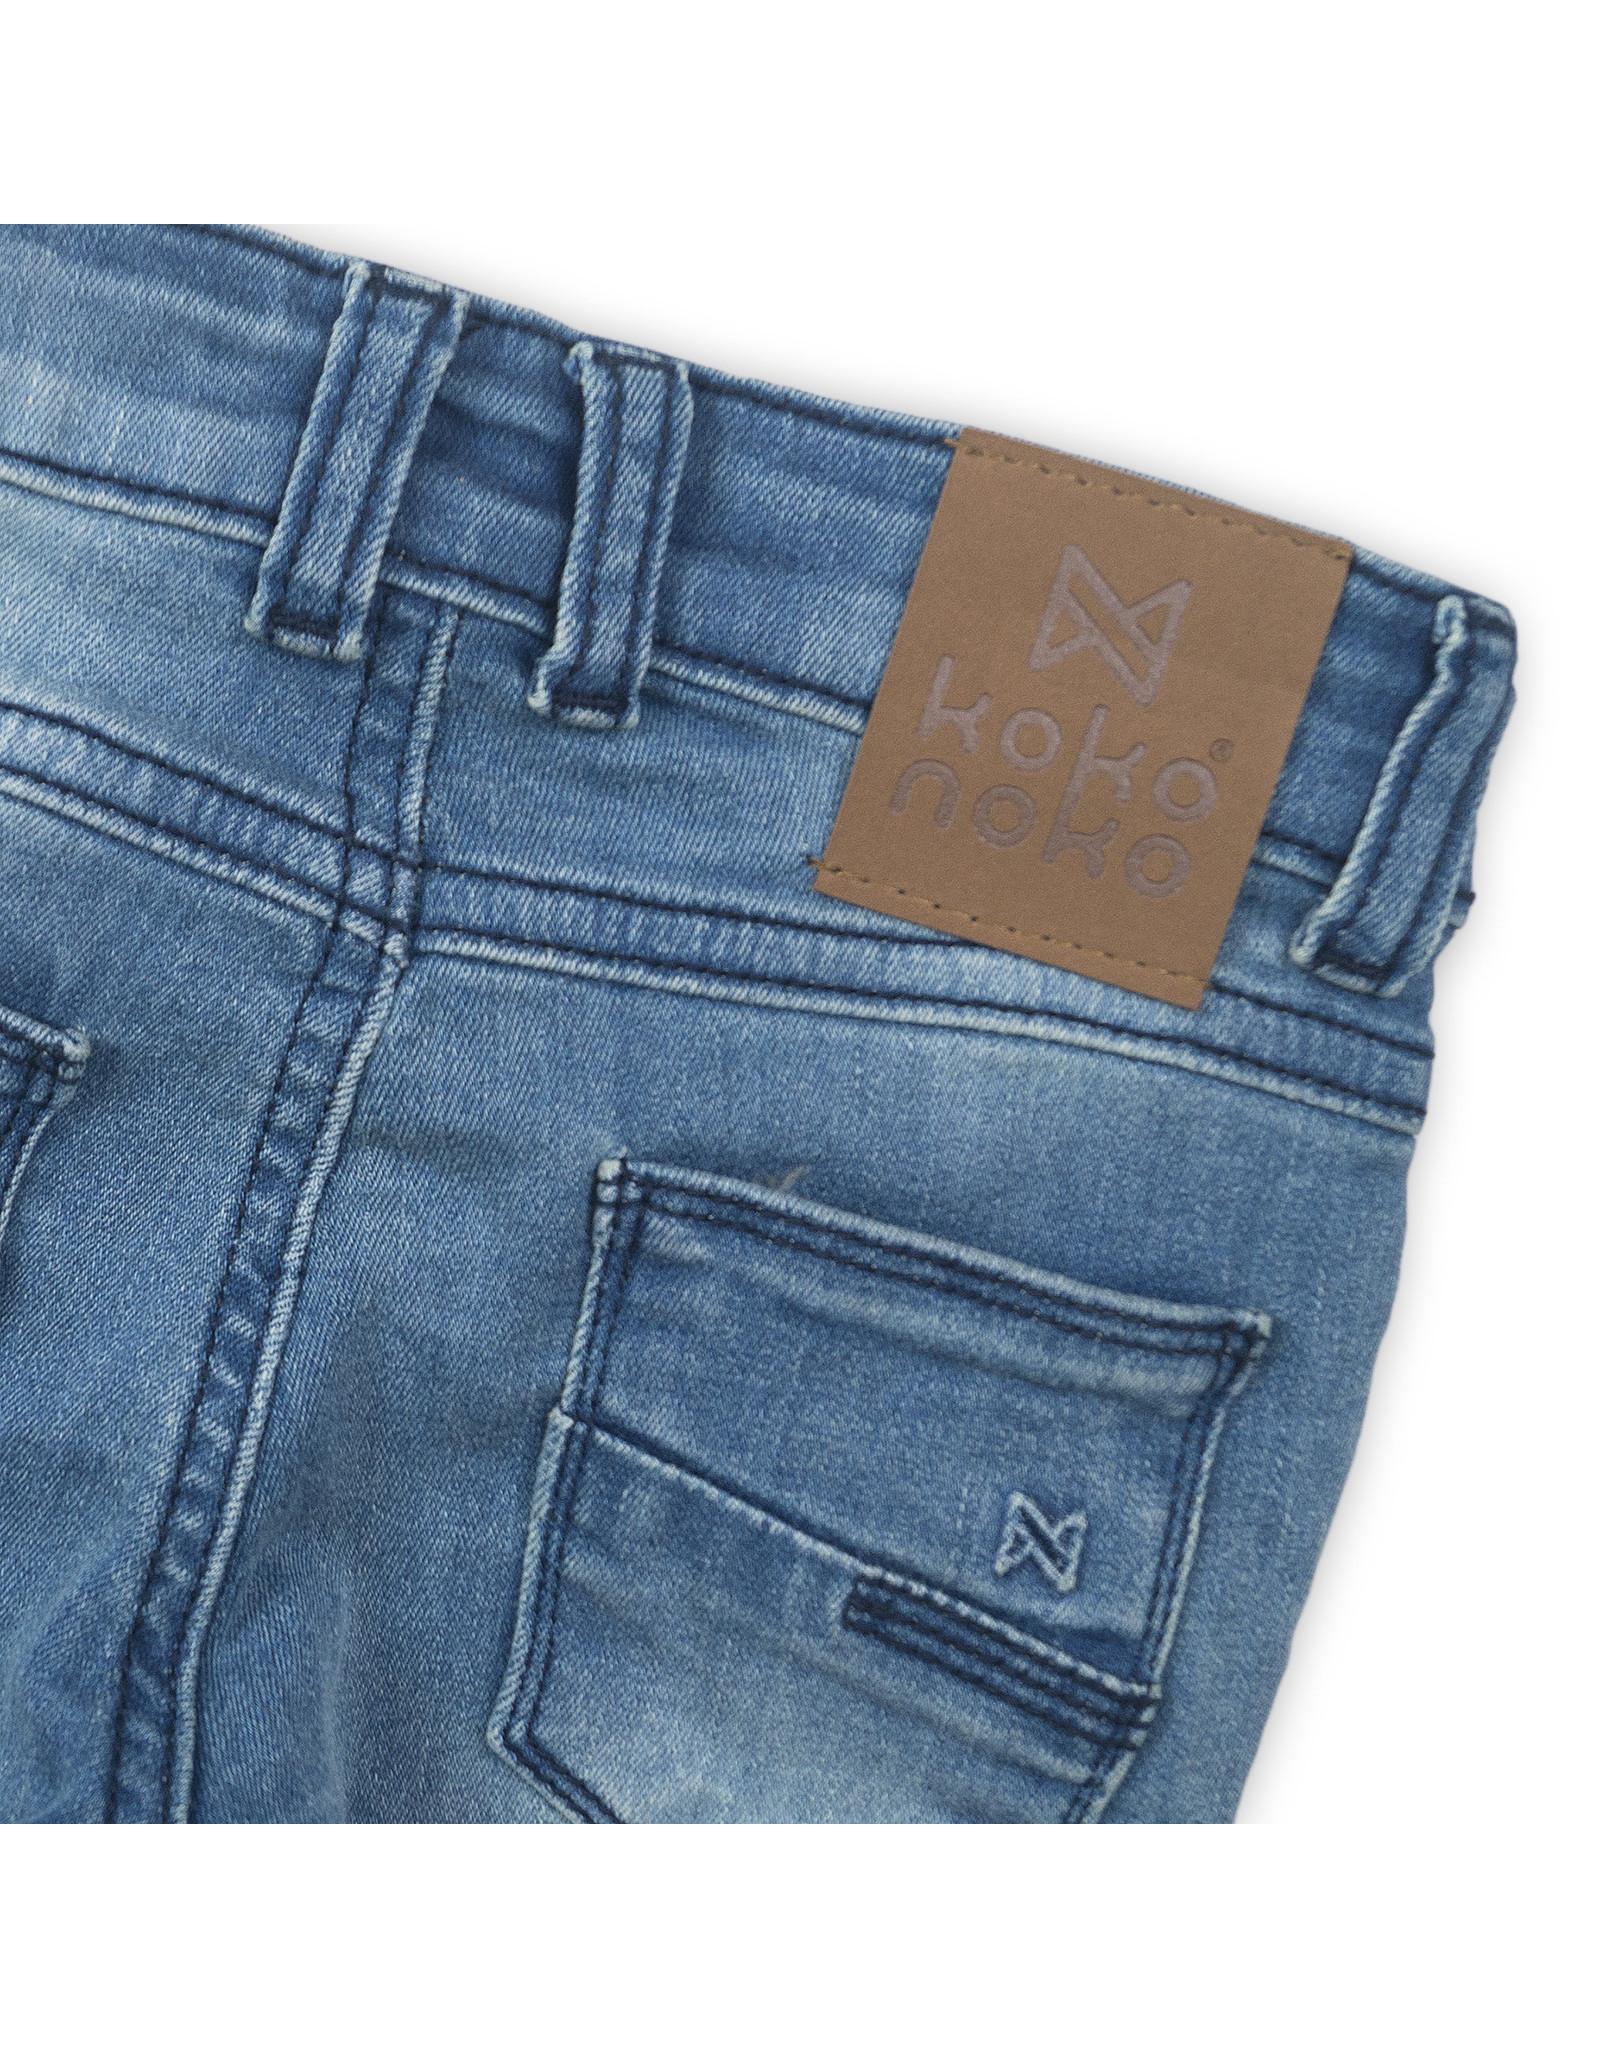 Koko Noko Blue jeans